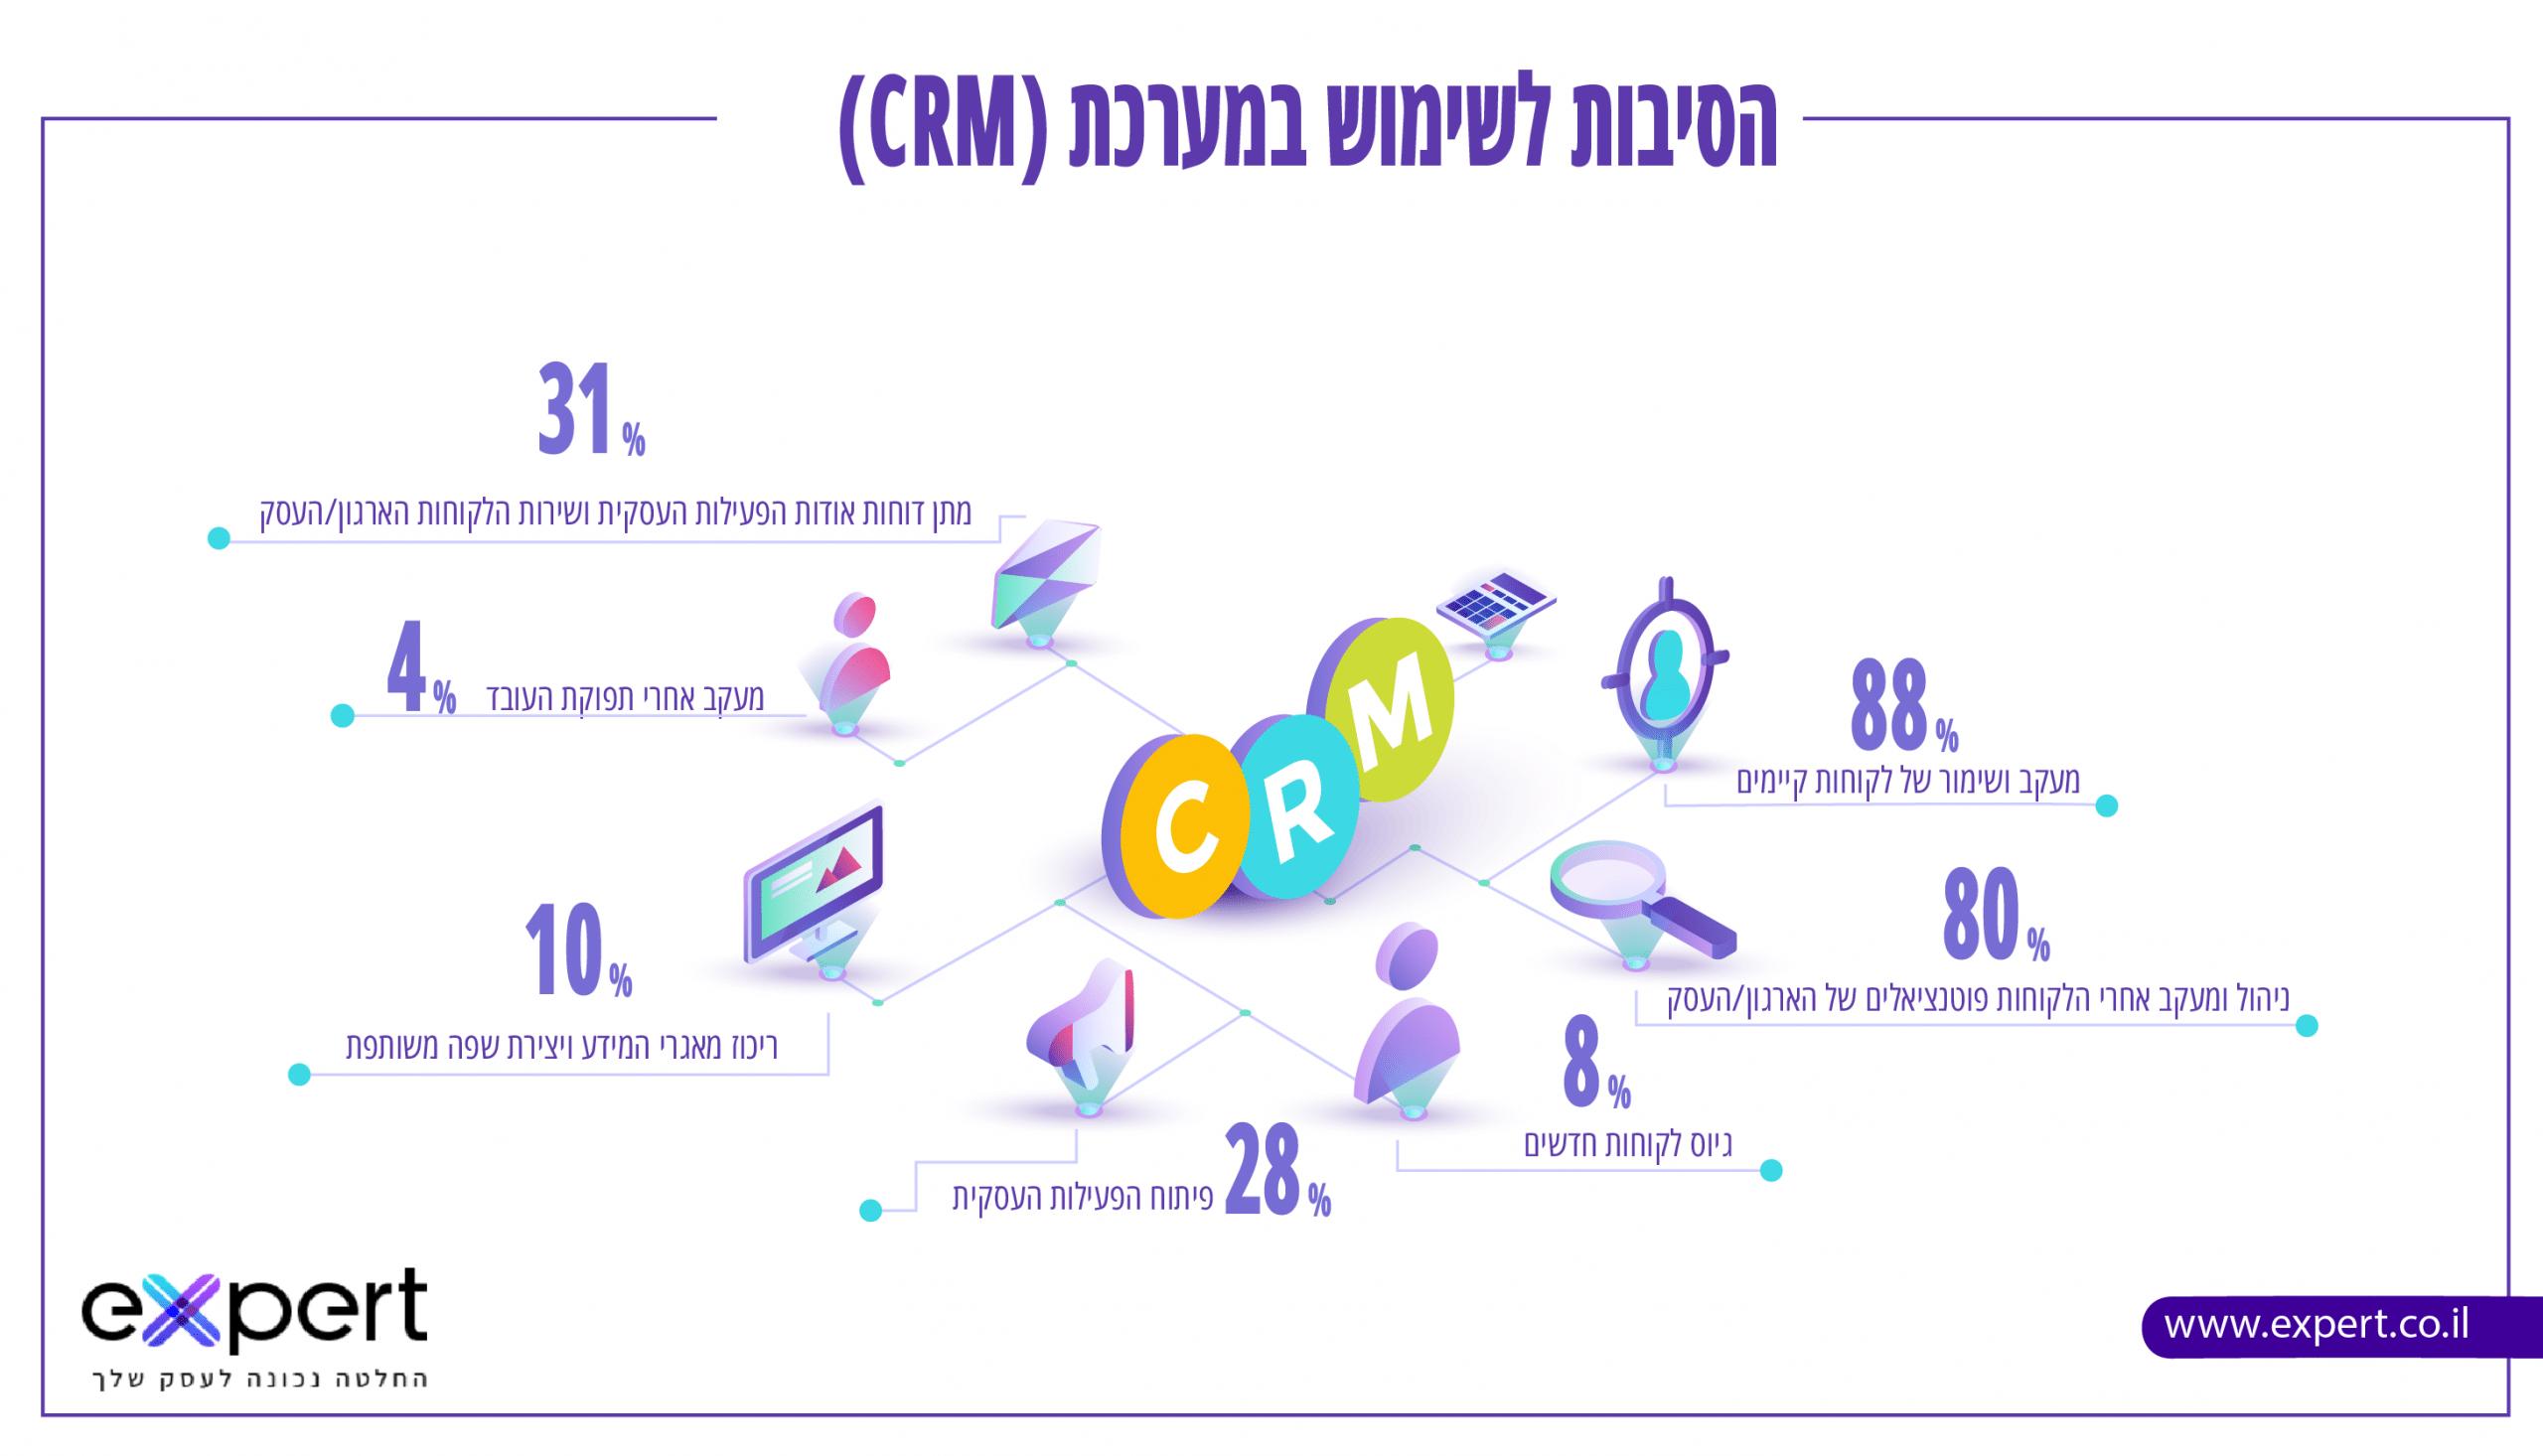 מערכת CRM היתרונות